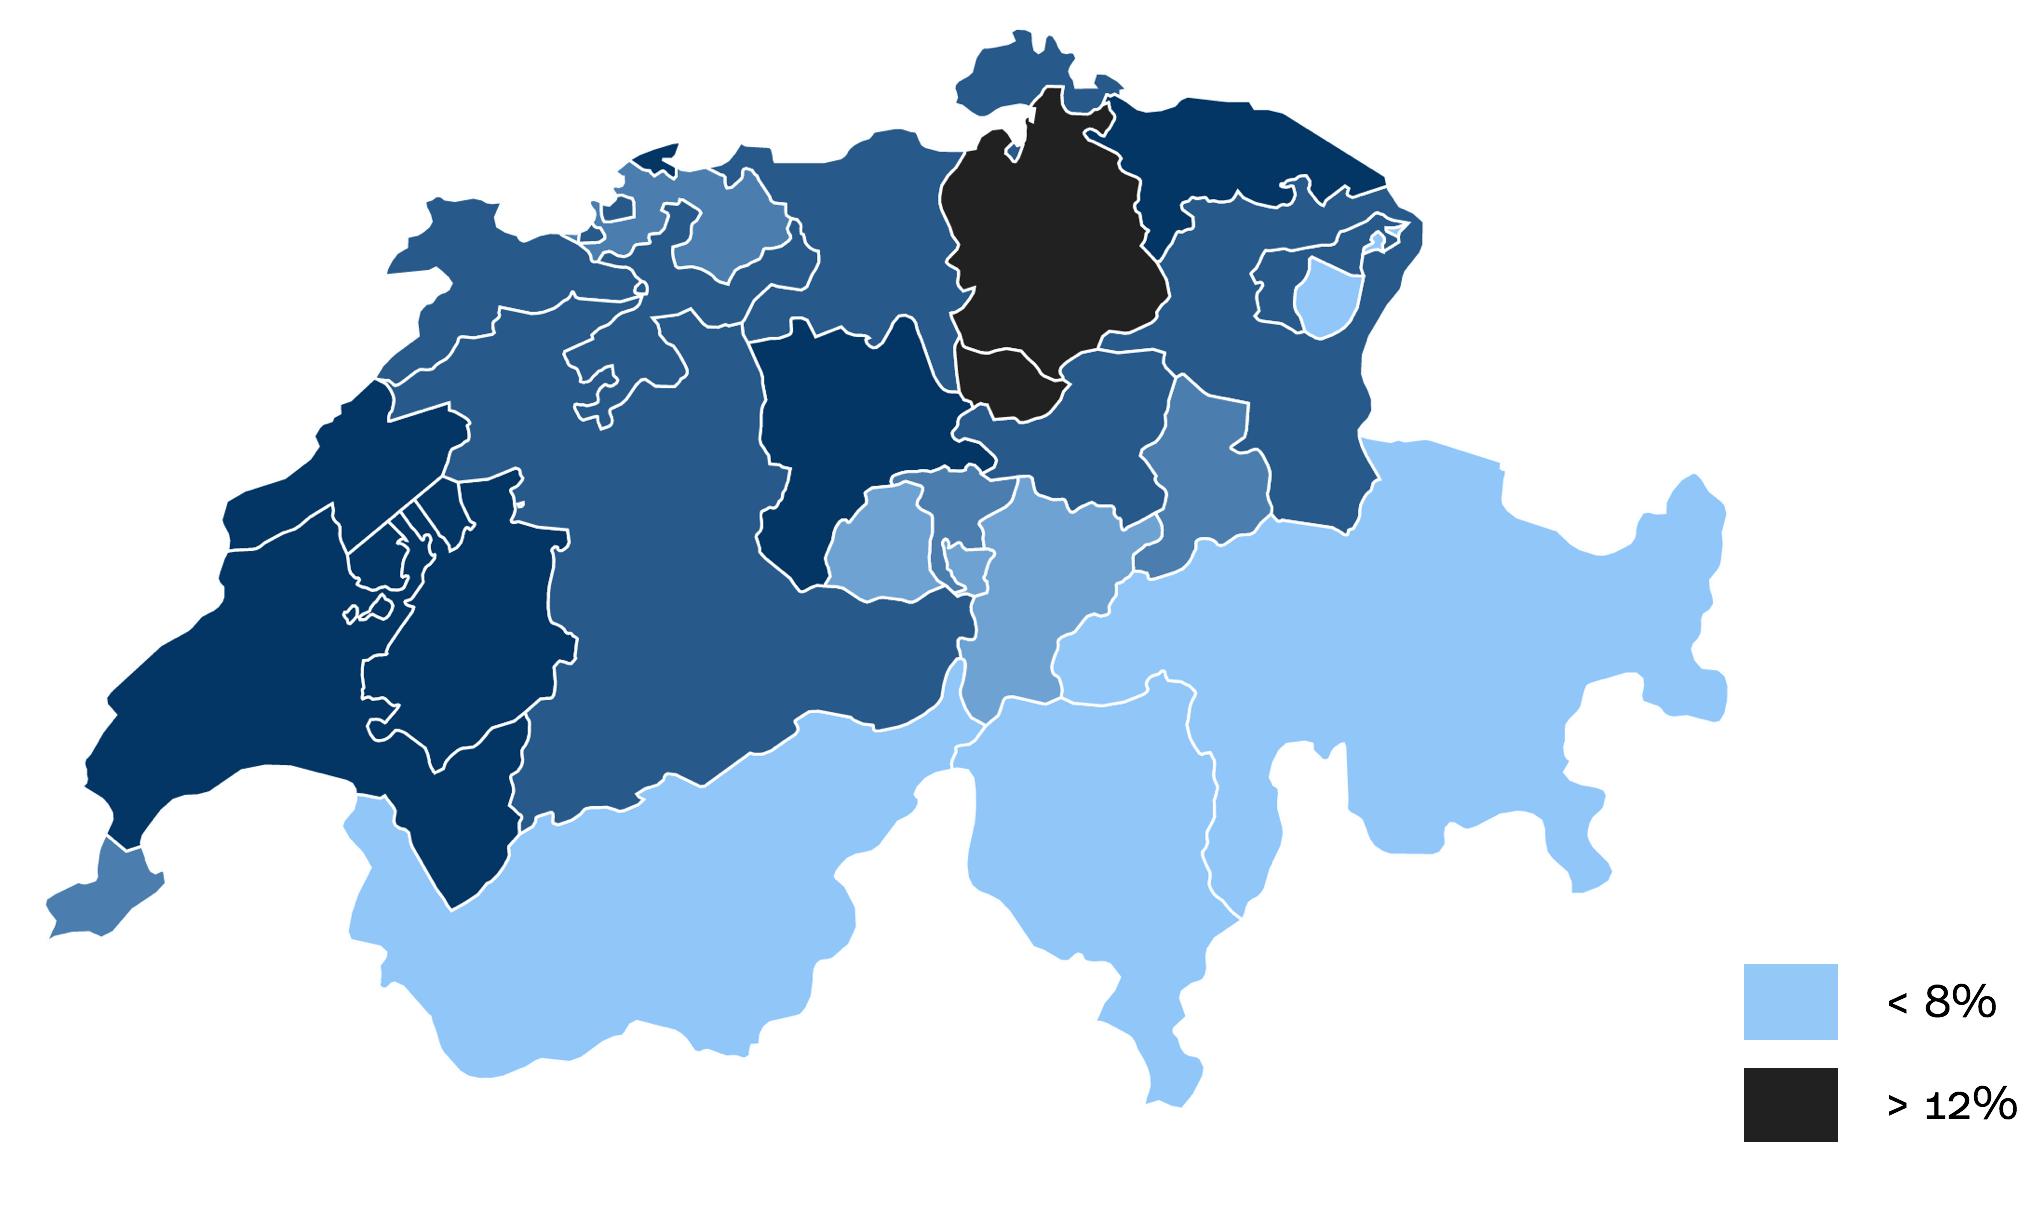 Die Grafik zeigt die Schweiz, die Kantone sind unterschiedlich eingefärbt und zeigen die Umzugsquote an.